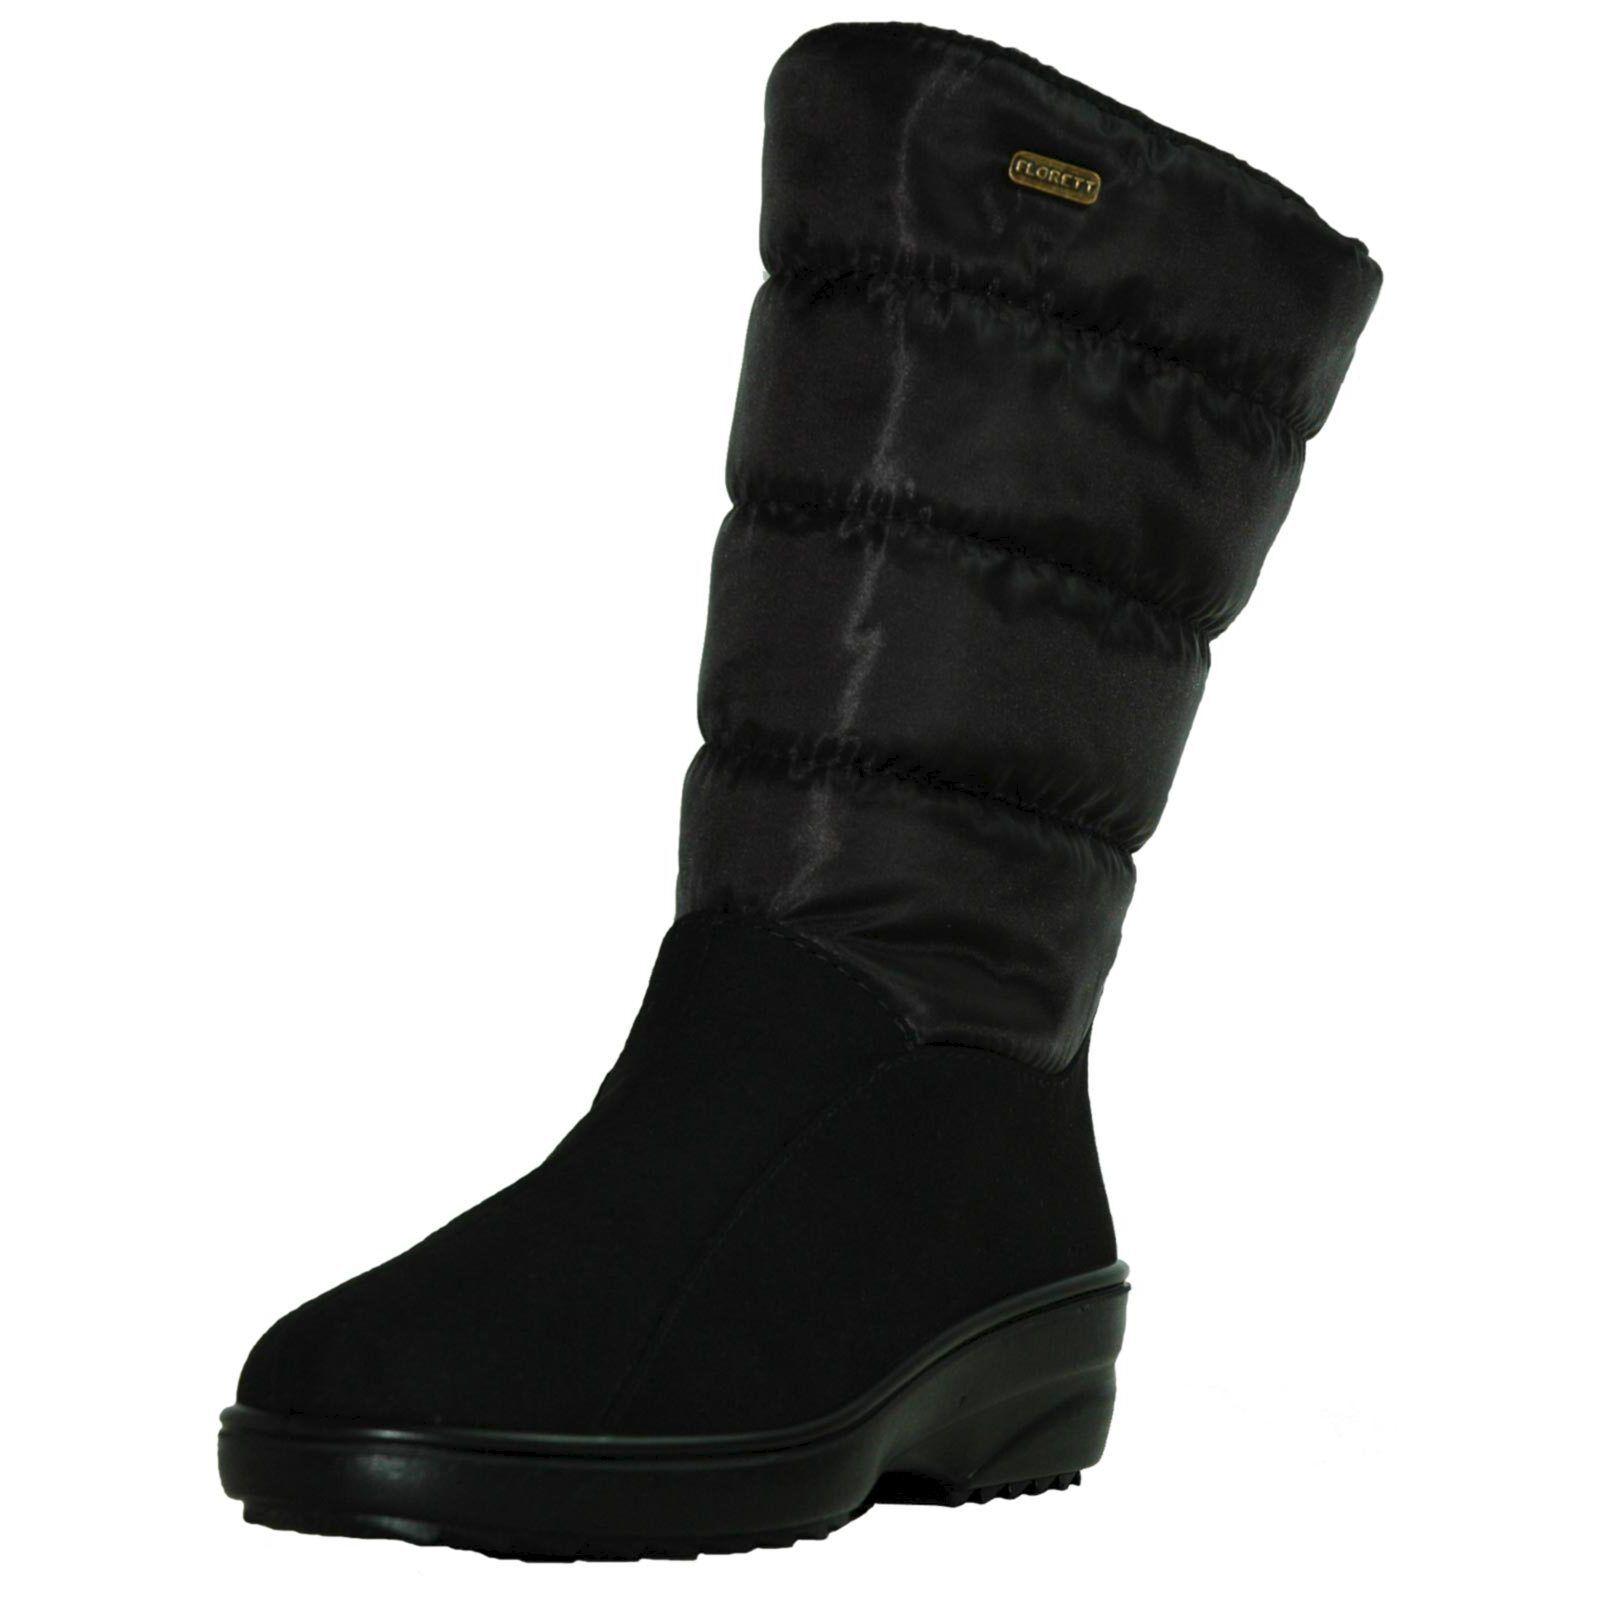 botas Negras Florett Florett Florett Elke señoras, muslo de señora, Zapato de Invierno para Mujer  promociones emocionantes